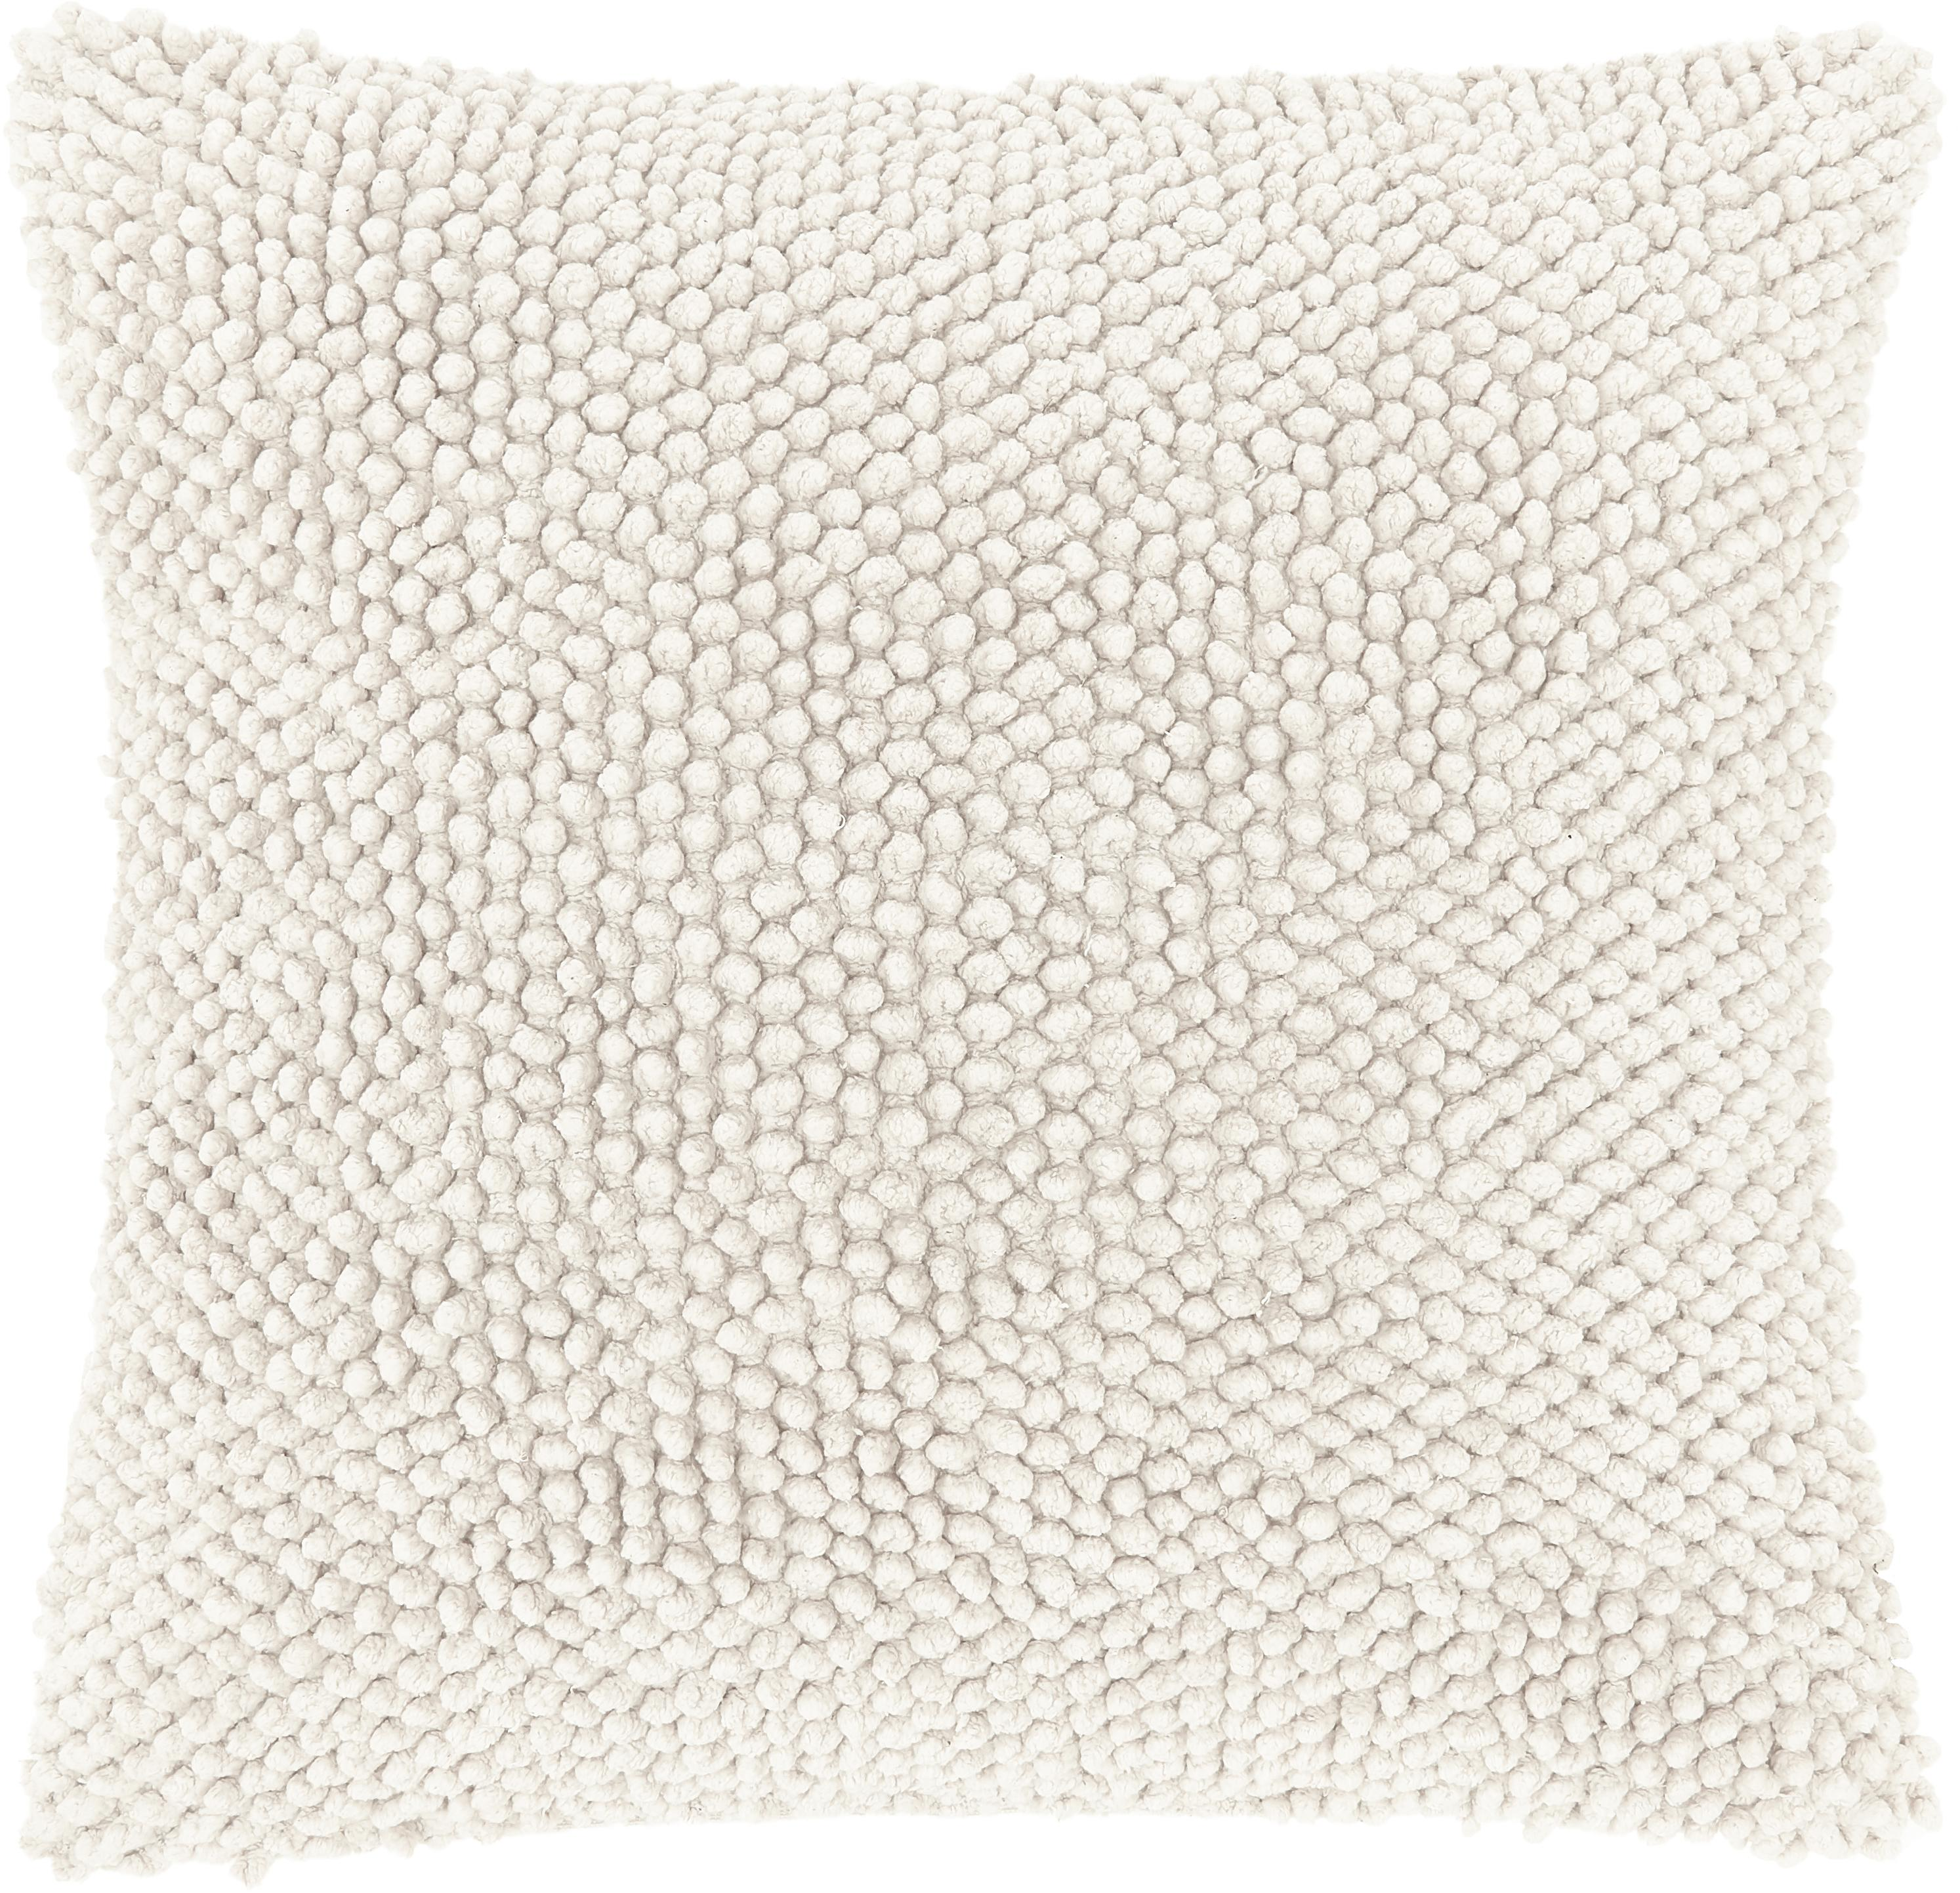 Poszewka na poduszkę z strukturalną powierzchnią Indi, 100% bawełna, Złamana biel, S 45 x D 45 cm